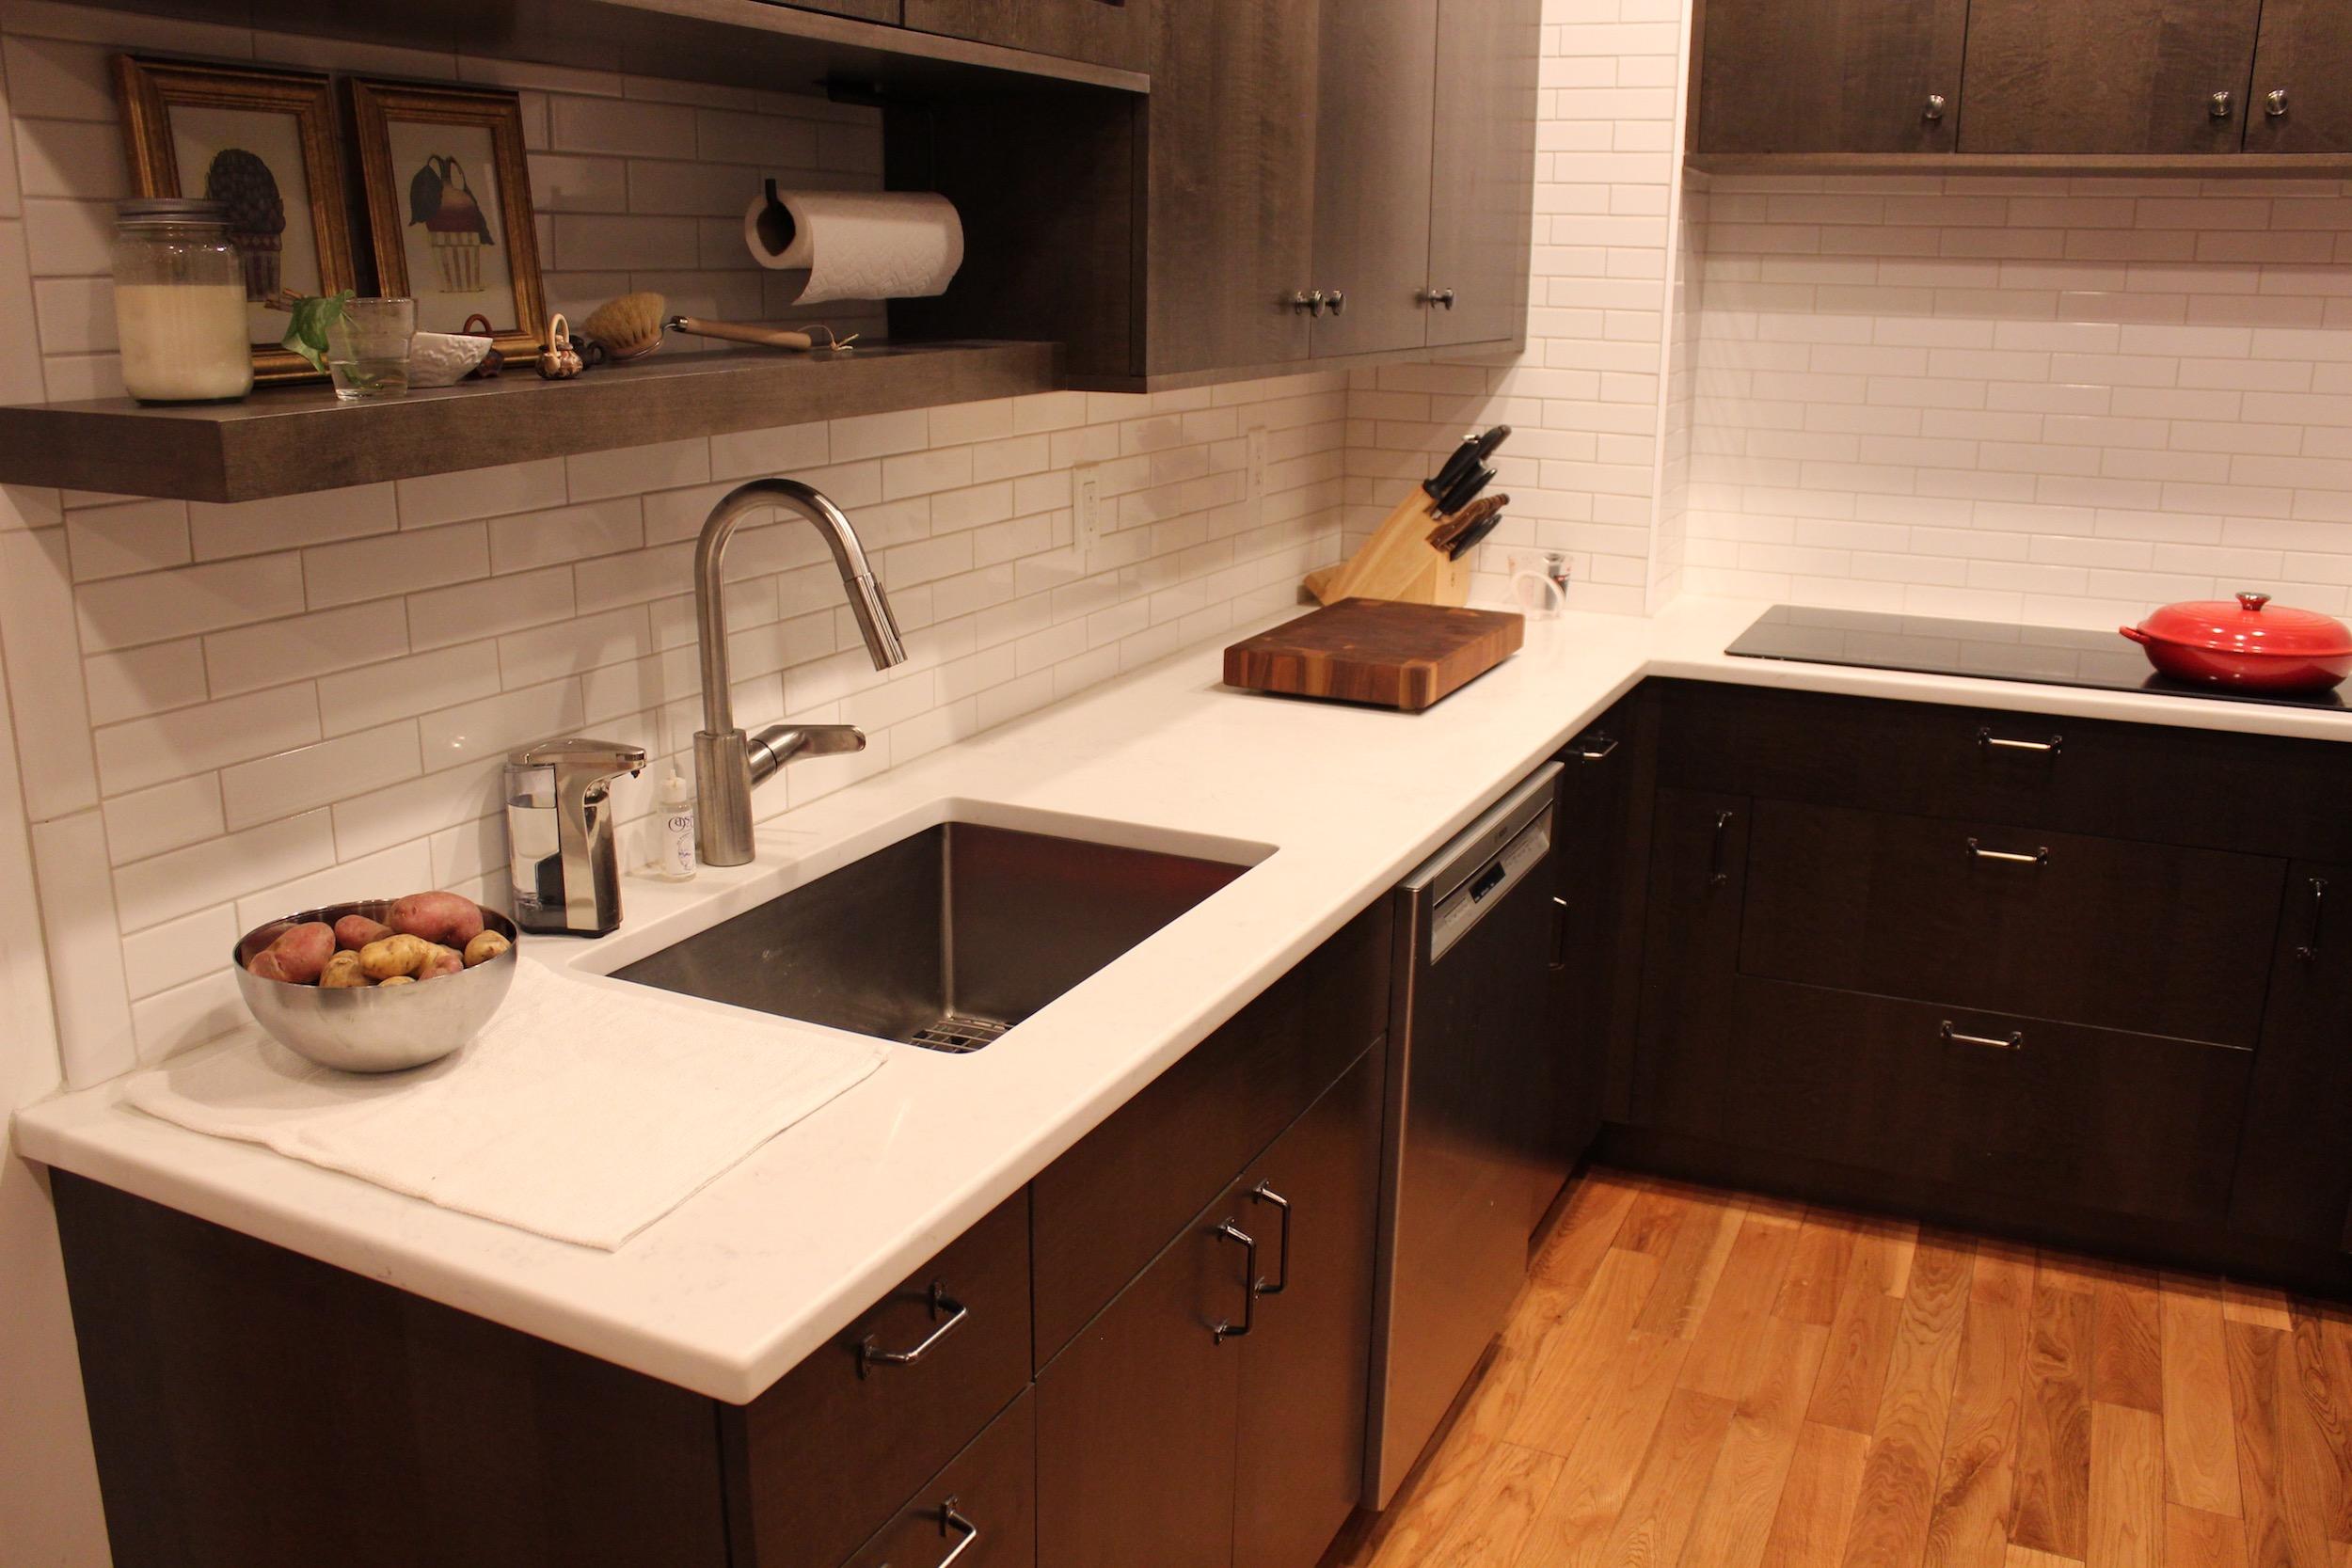 3_KitchenVisions-Modern-Kitchen-Boston.jpg